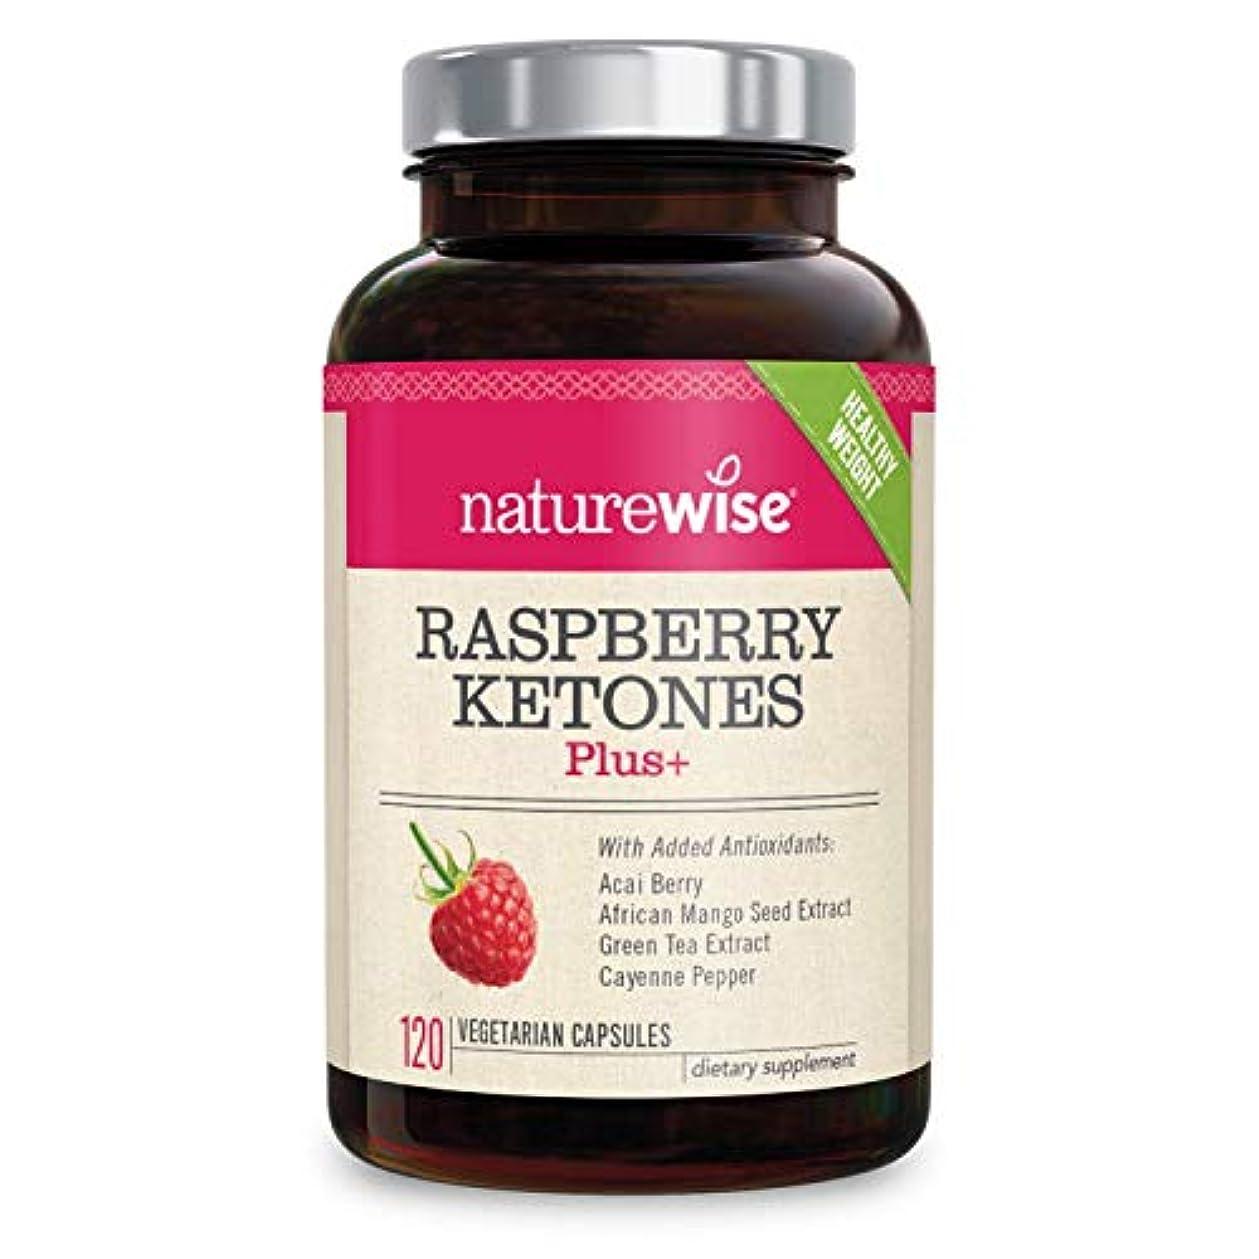 治安判事環境ミサイルNatureWise Raspberry Ketones Plus ラズベリー ケトン プラス ケトジェニック ダイエット サプリ 120粒/60日分 [海外直送品]